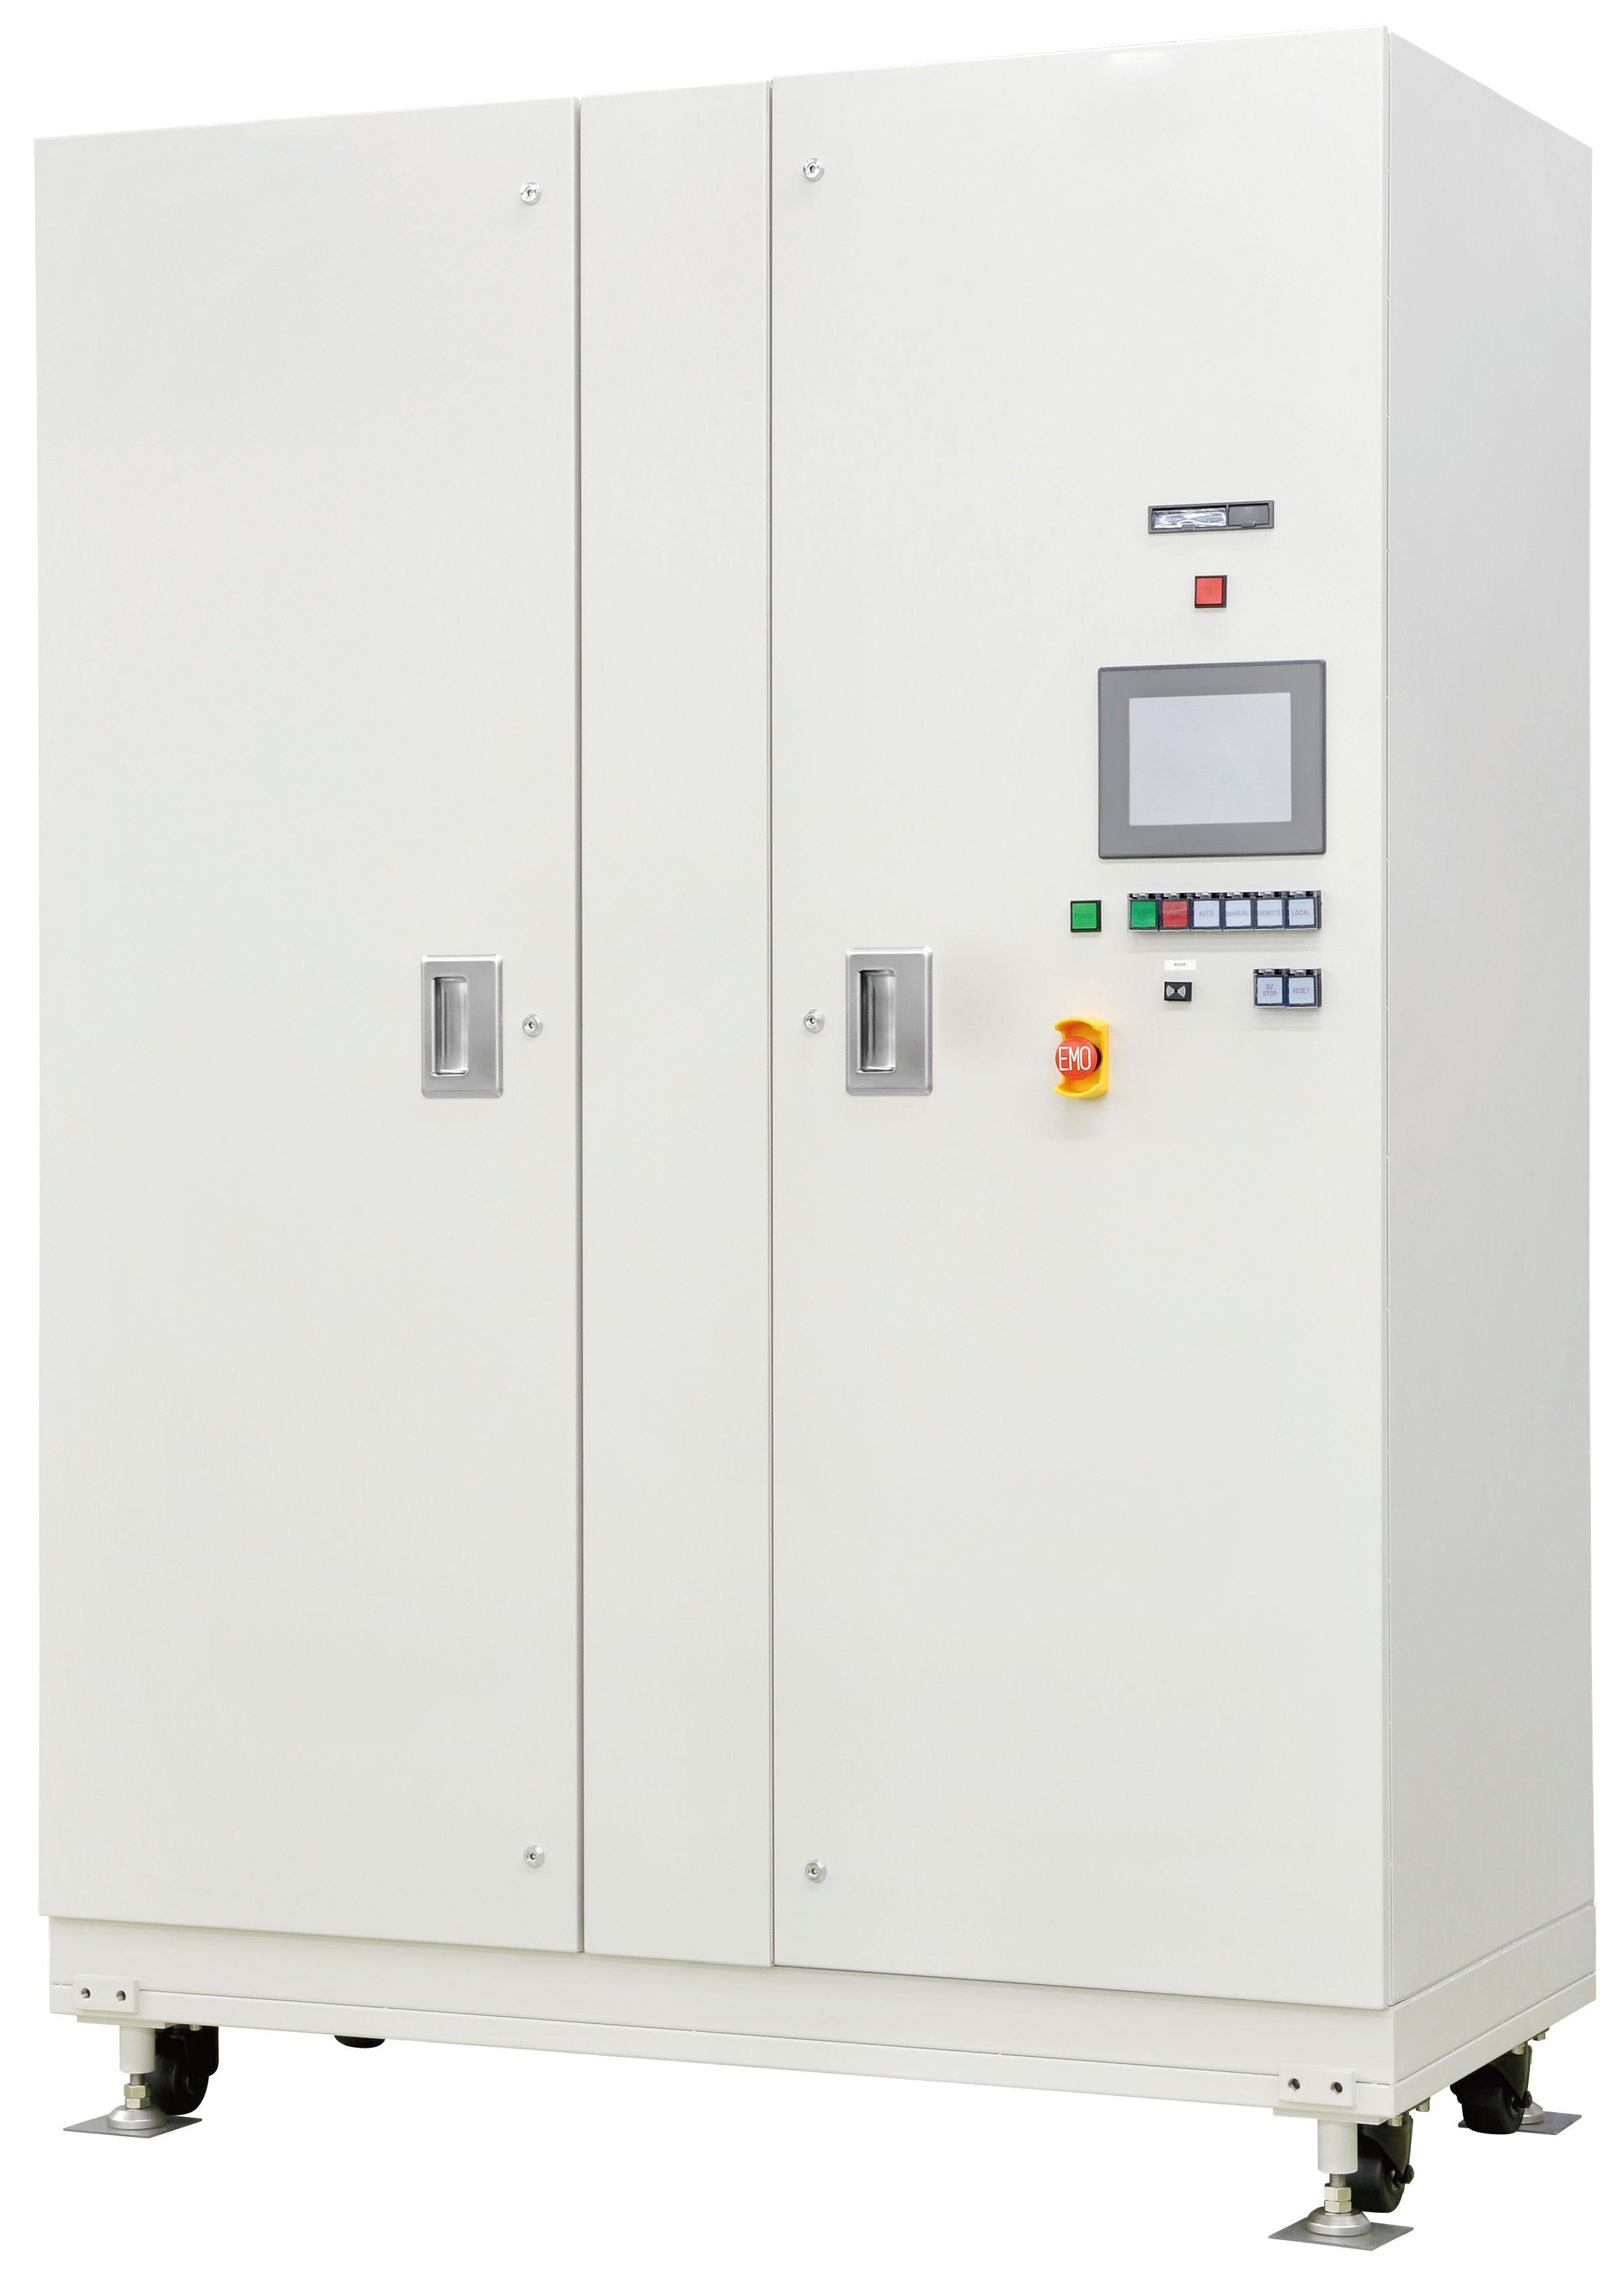 Model OZW 臭氧水发生装置